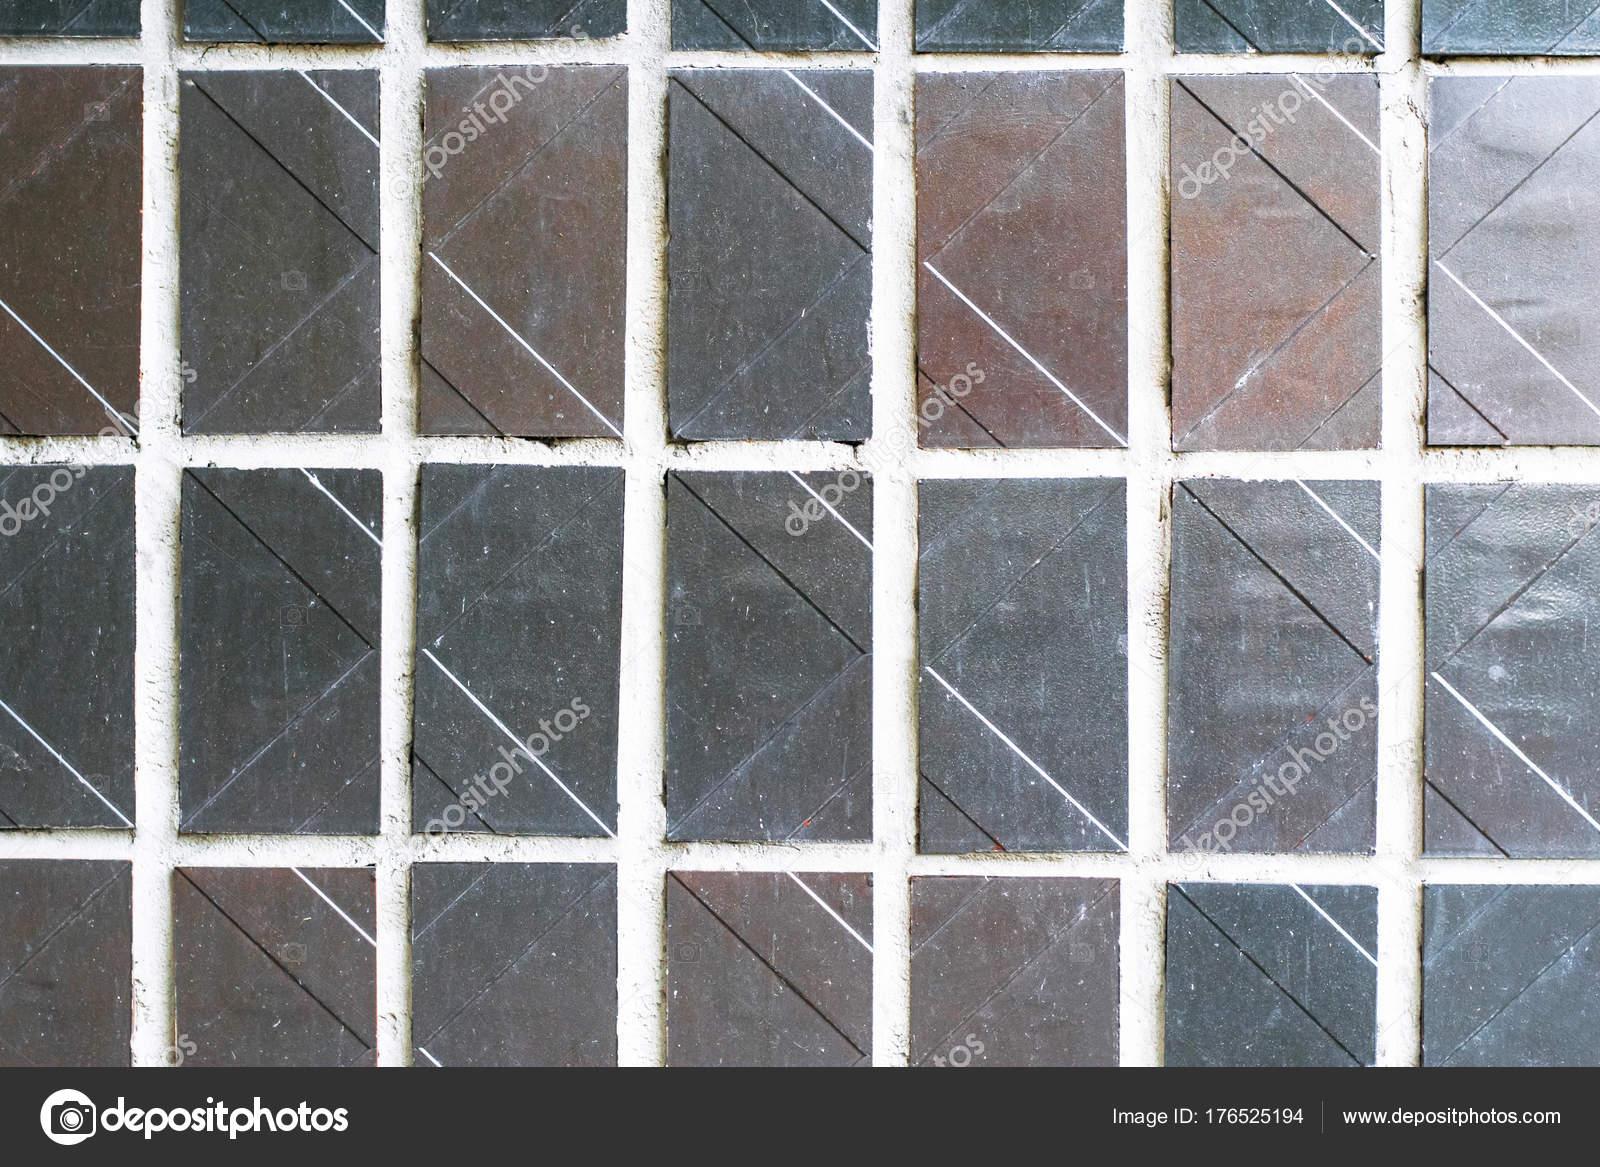 La texture dellornamento decorativo muro di mosaico da piastrelle